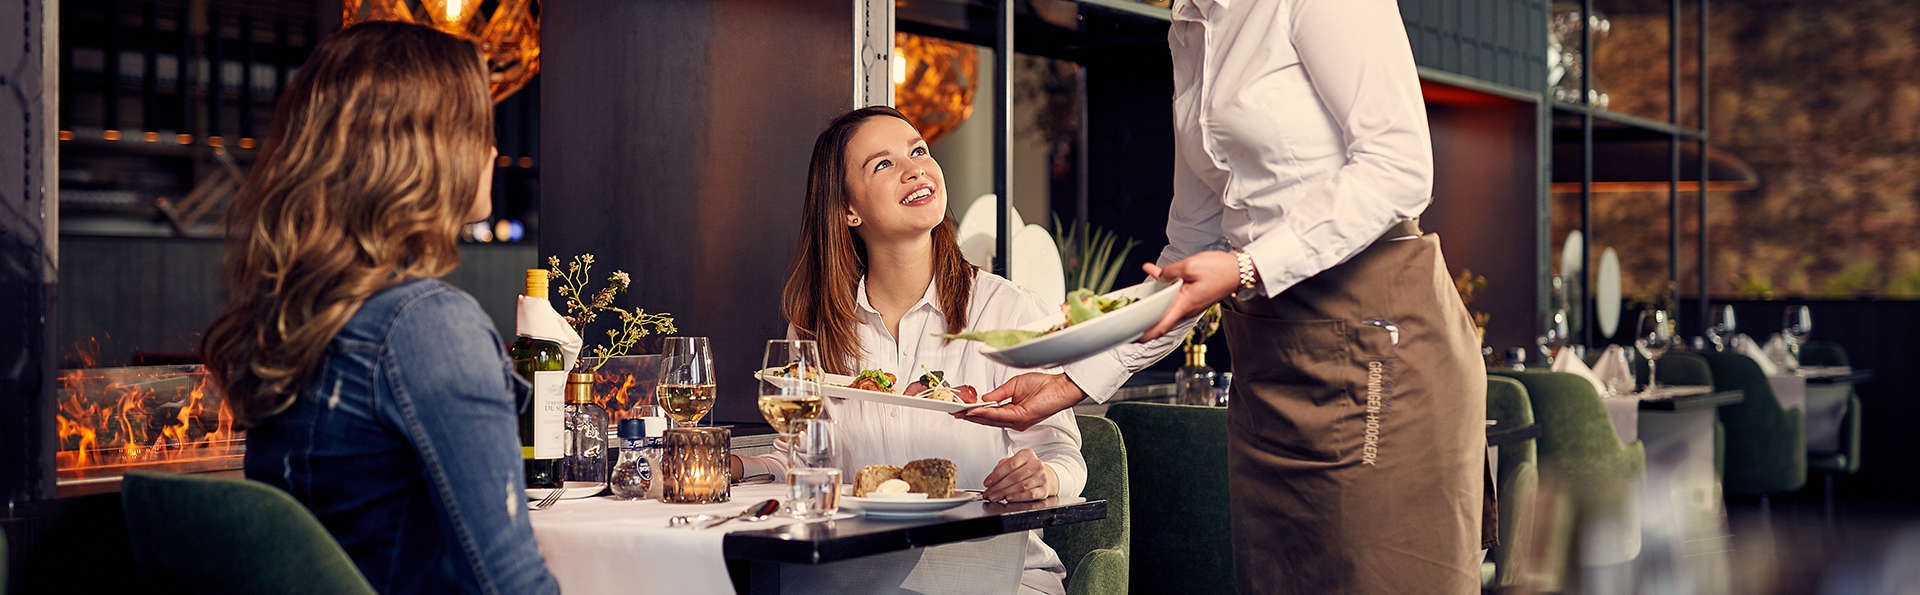 Mini-vacances à Groningue avec dîner à 3 services (demi-pension, 2 nuits)